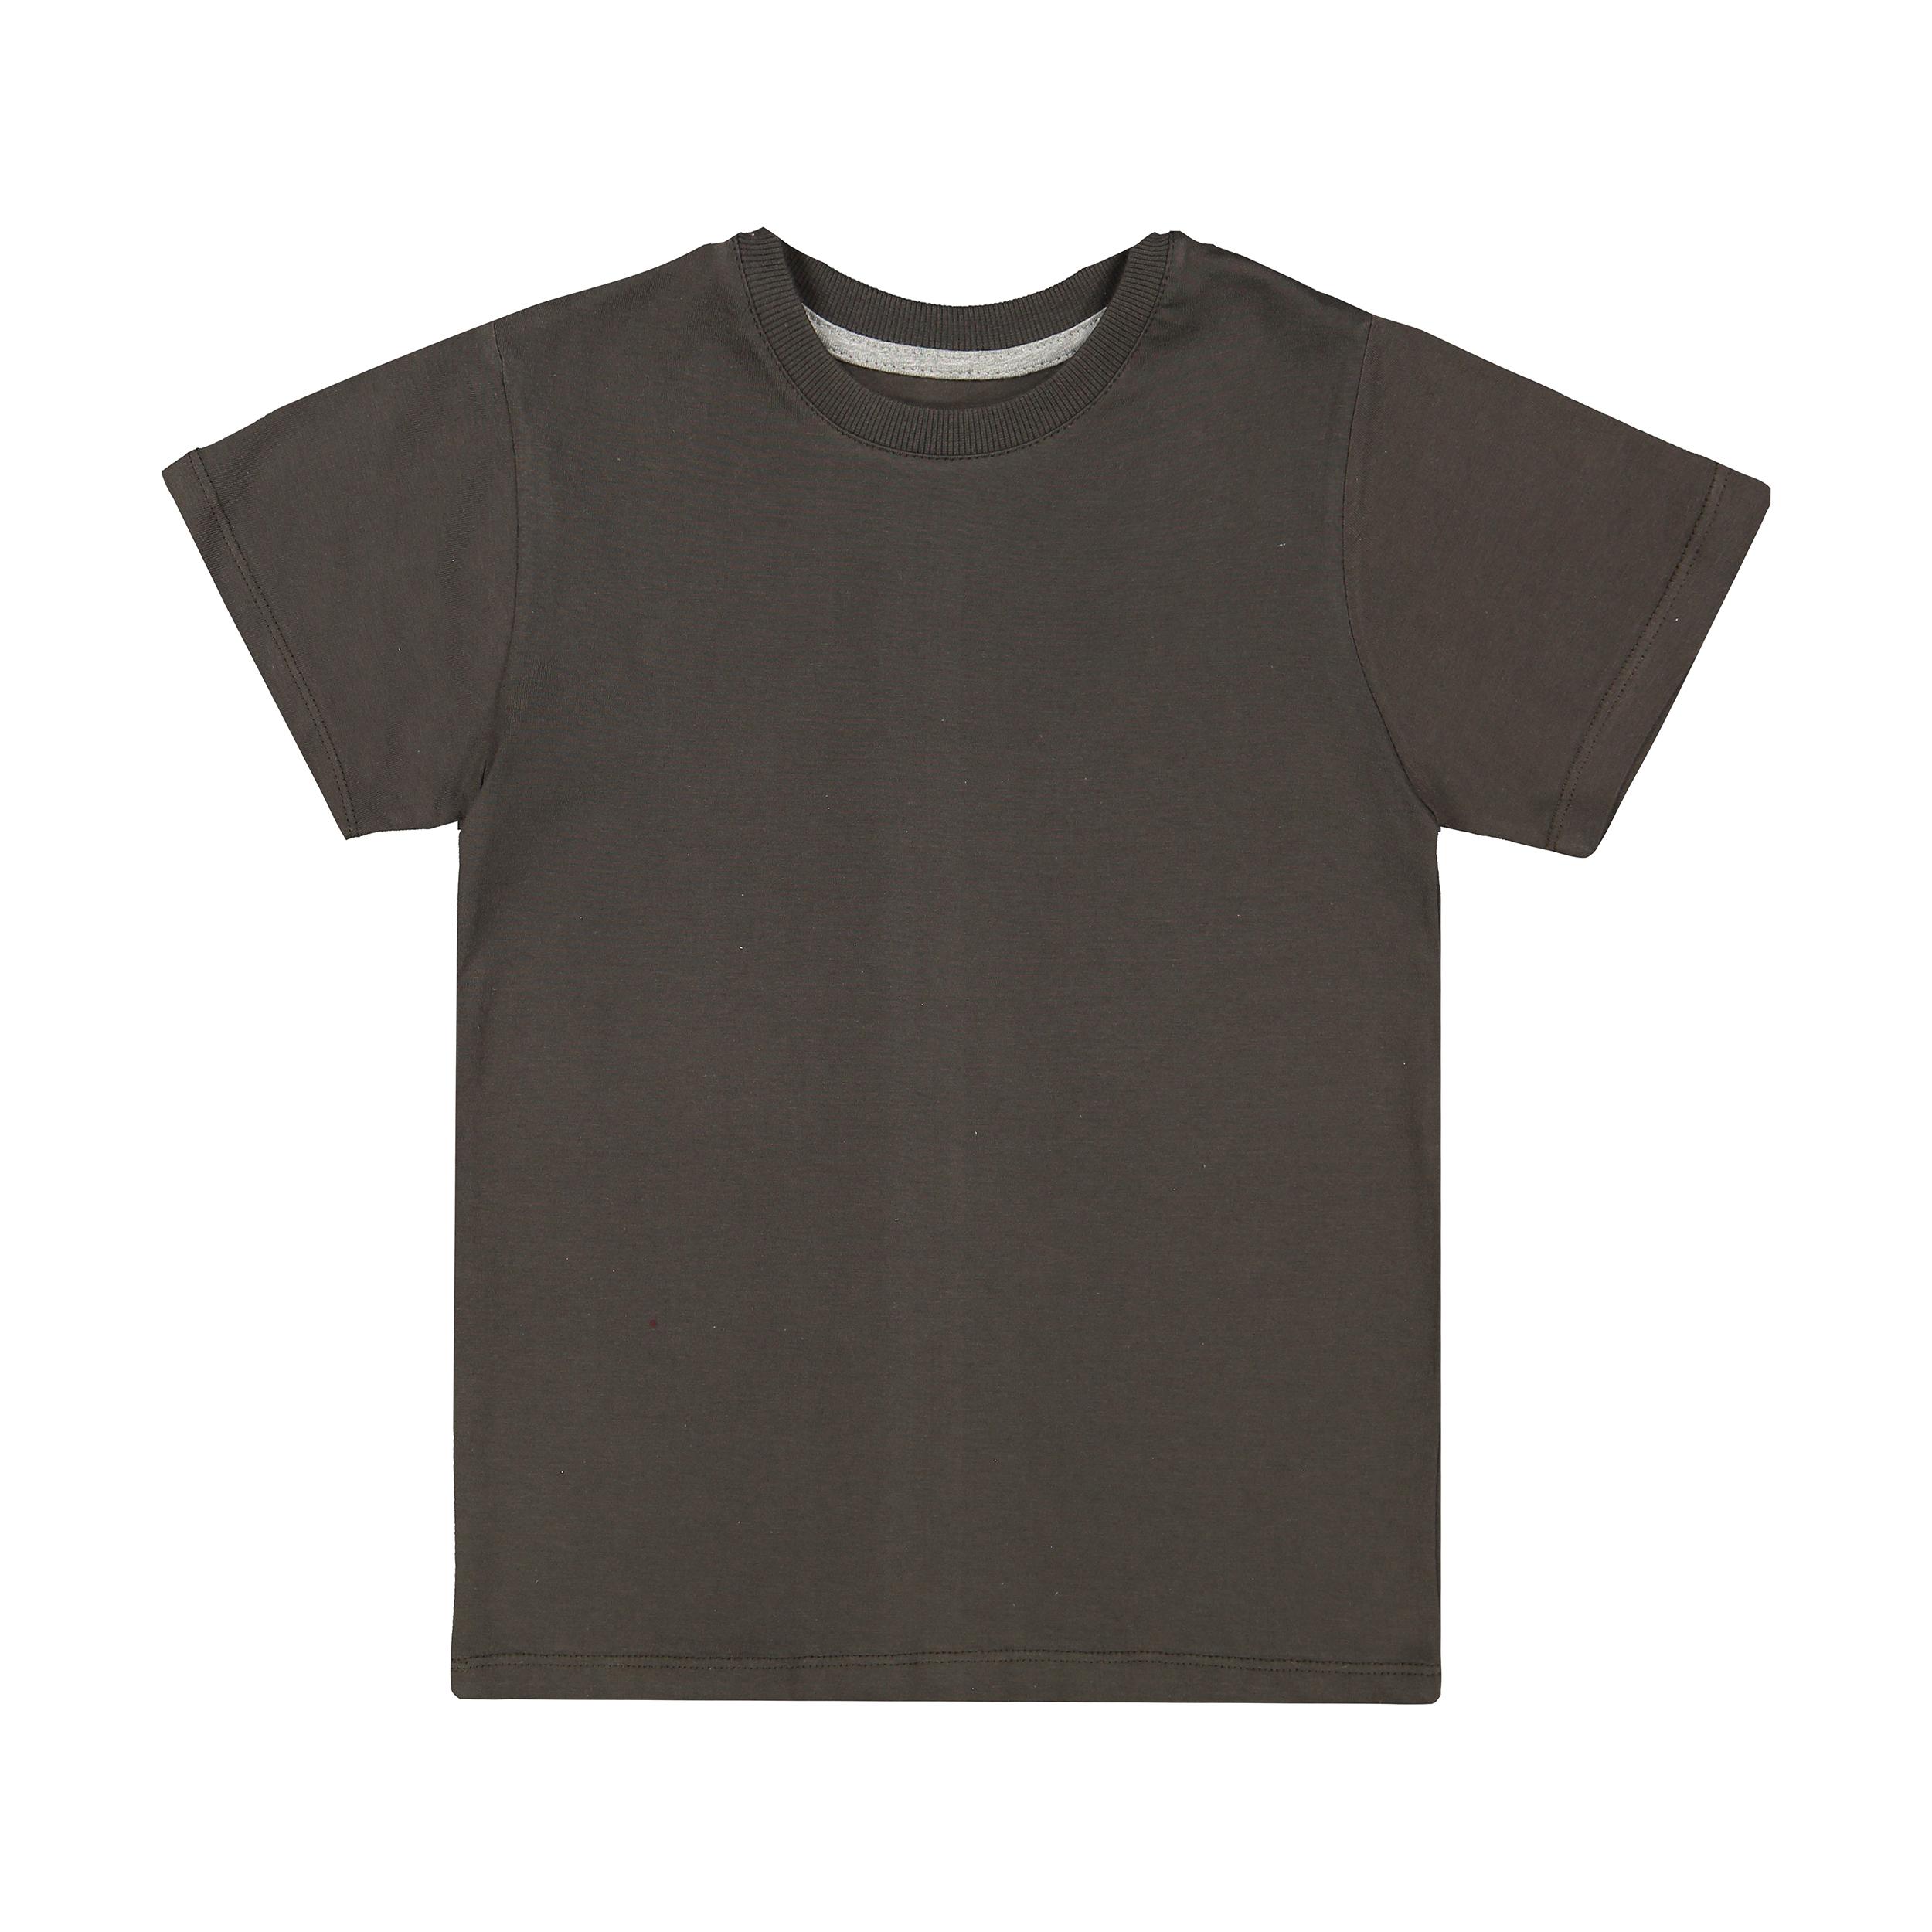 تی شرت بچگانه زانتوس مدل 141010-49